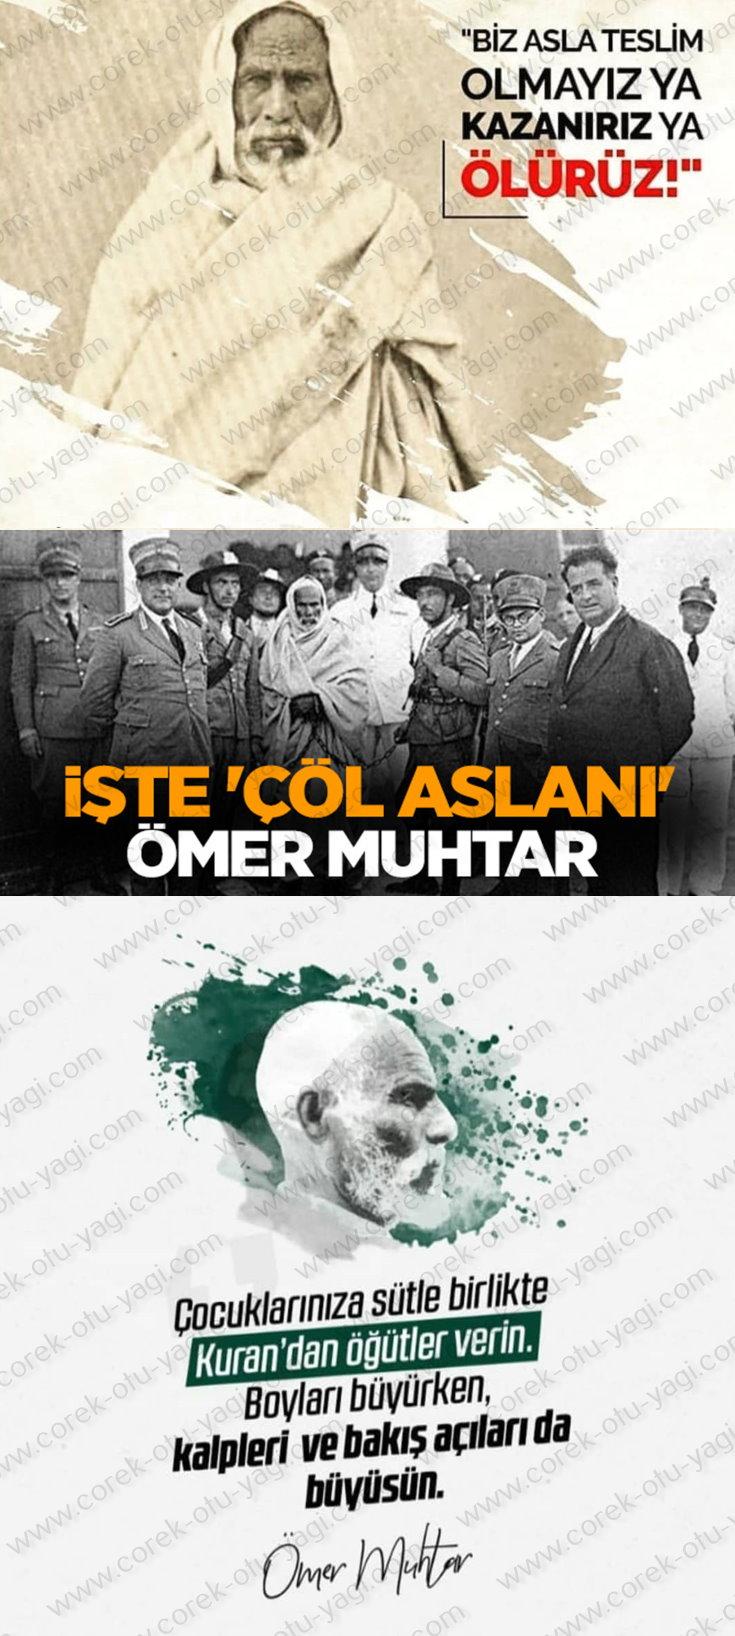 İtalyan Hakim Ömer Muhtar'a Sorar | www.corek-otu-yagi.com